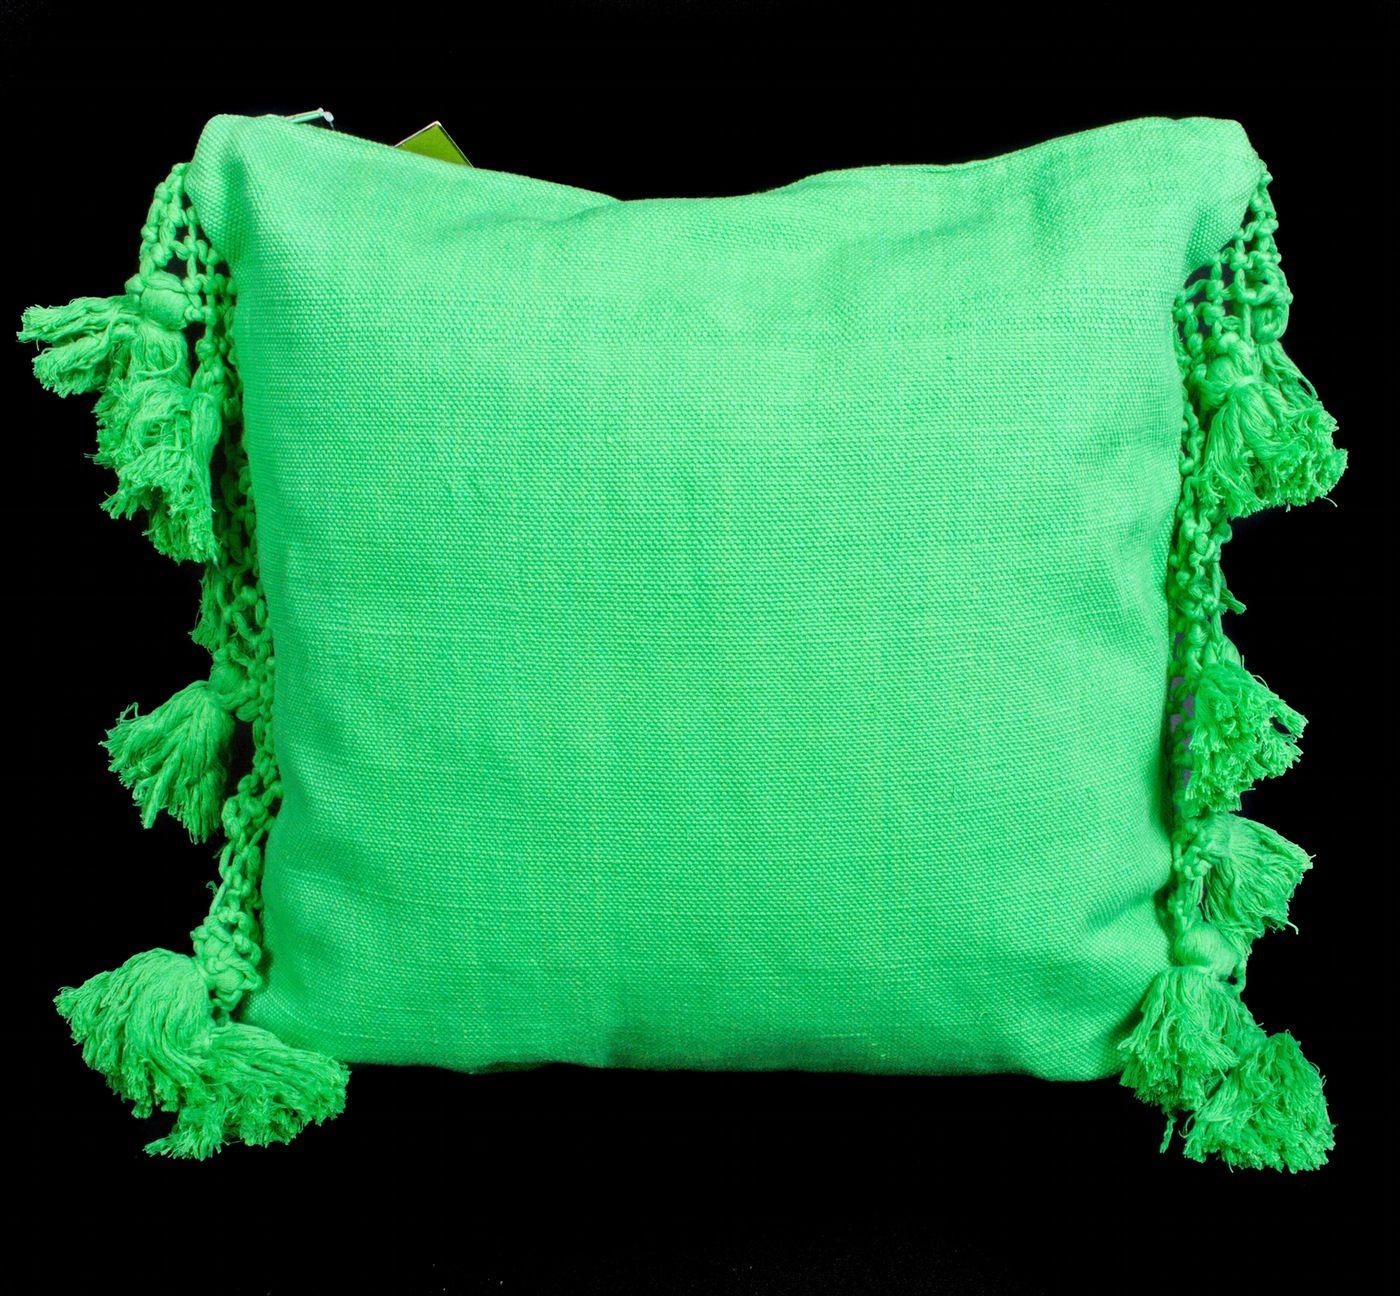 Pair Of Kate Spade Tassel Pillows Pillows Green Pillows Floral Event Design